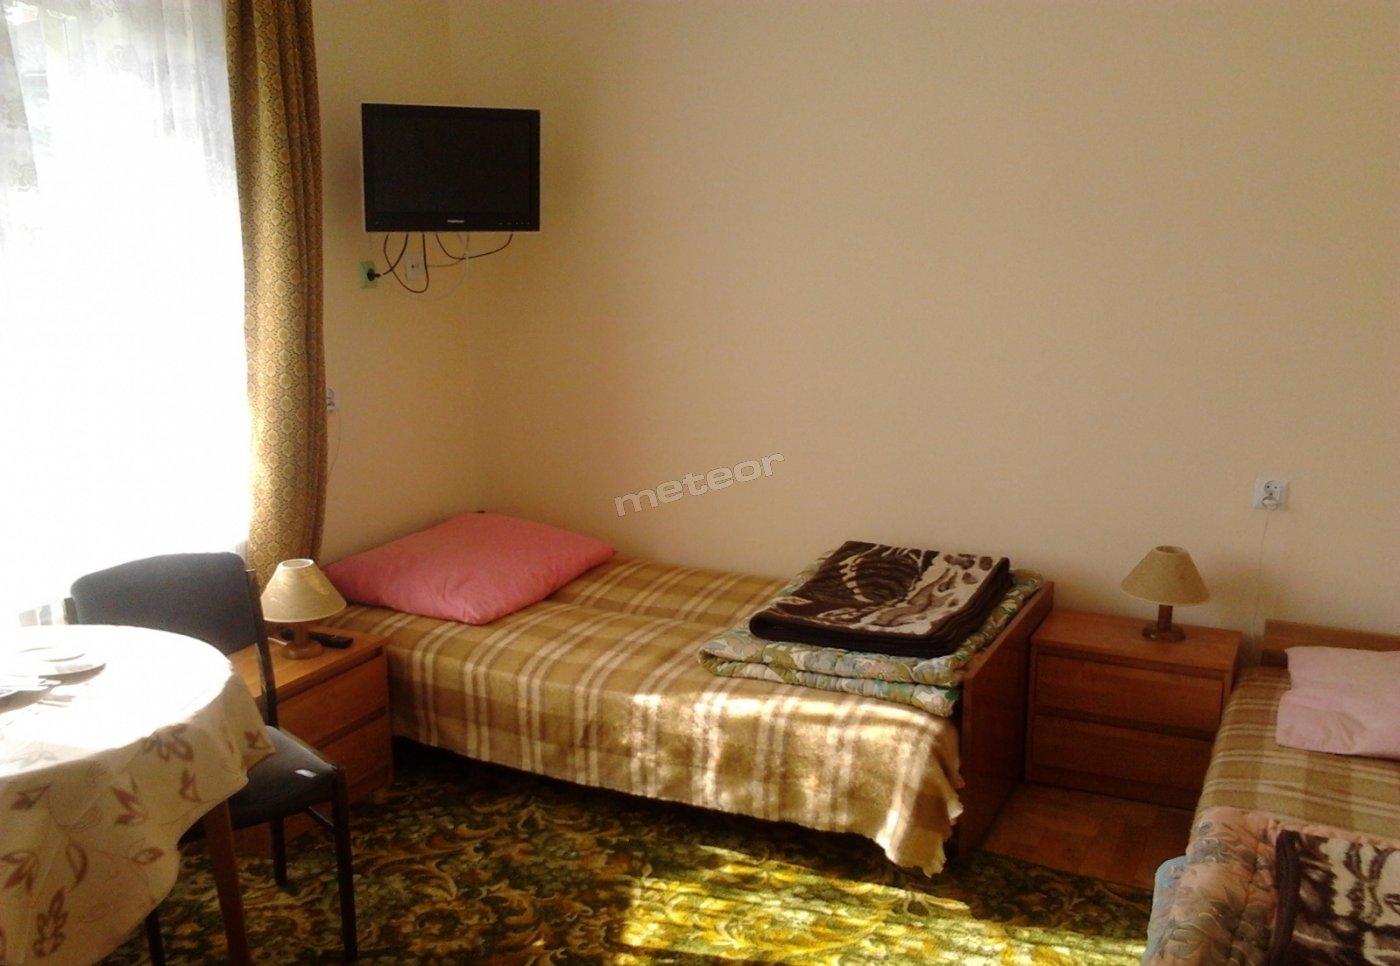 Pokój nr 4 - dwuosobowy, bez balkonu, łazienka w pokoju, tapczanik i kanapa.